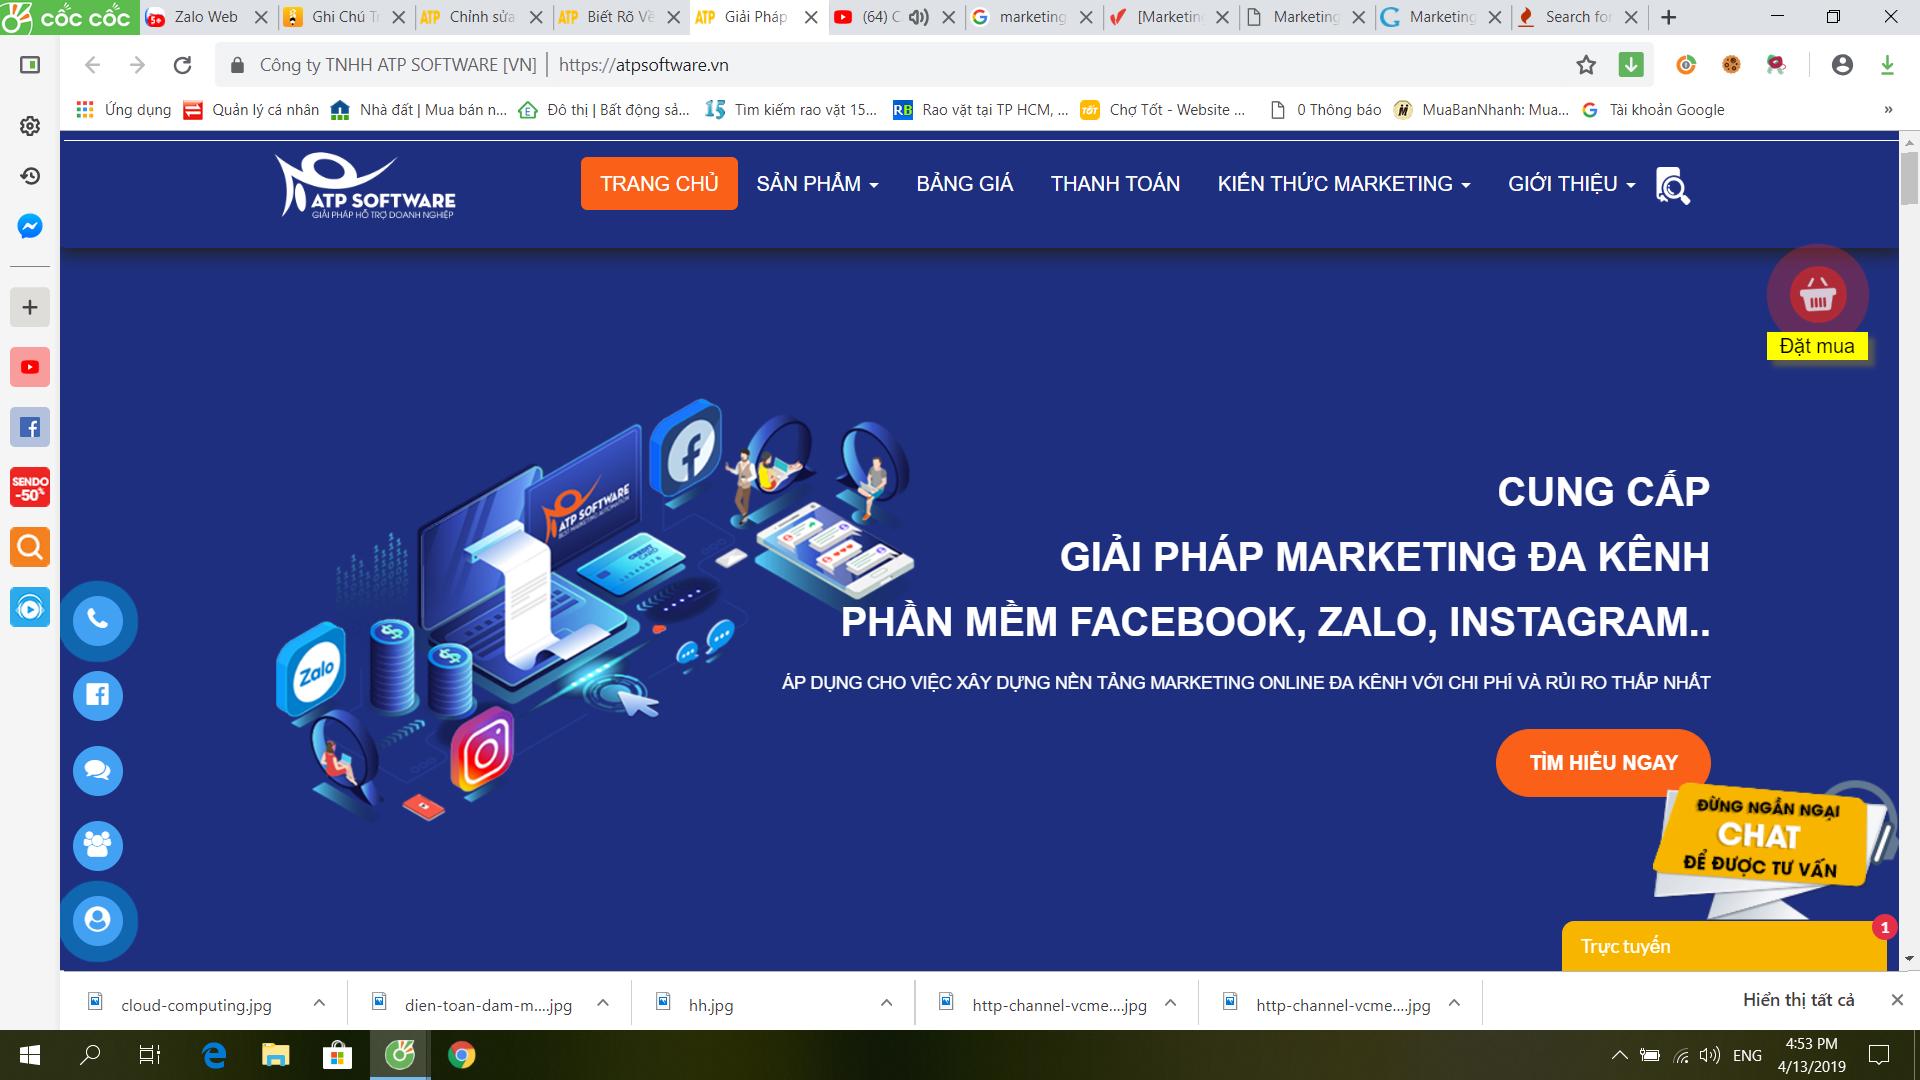 Marketing Online Là Gì? Cẩm Nang Tổng Hợp Các Kiến Thức Về Marketing Online